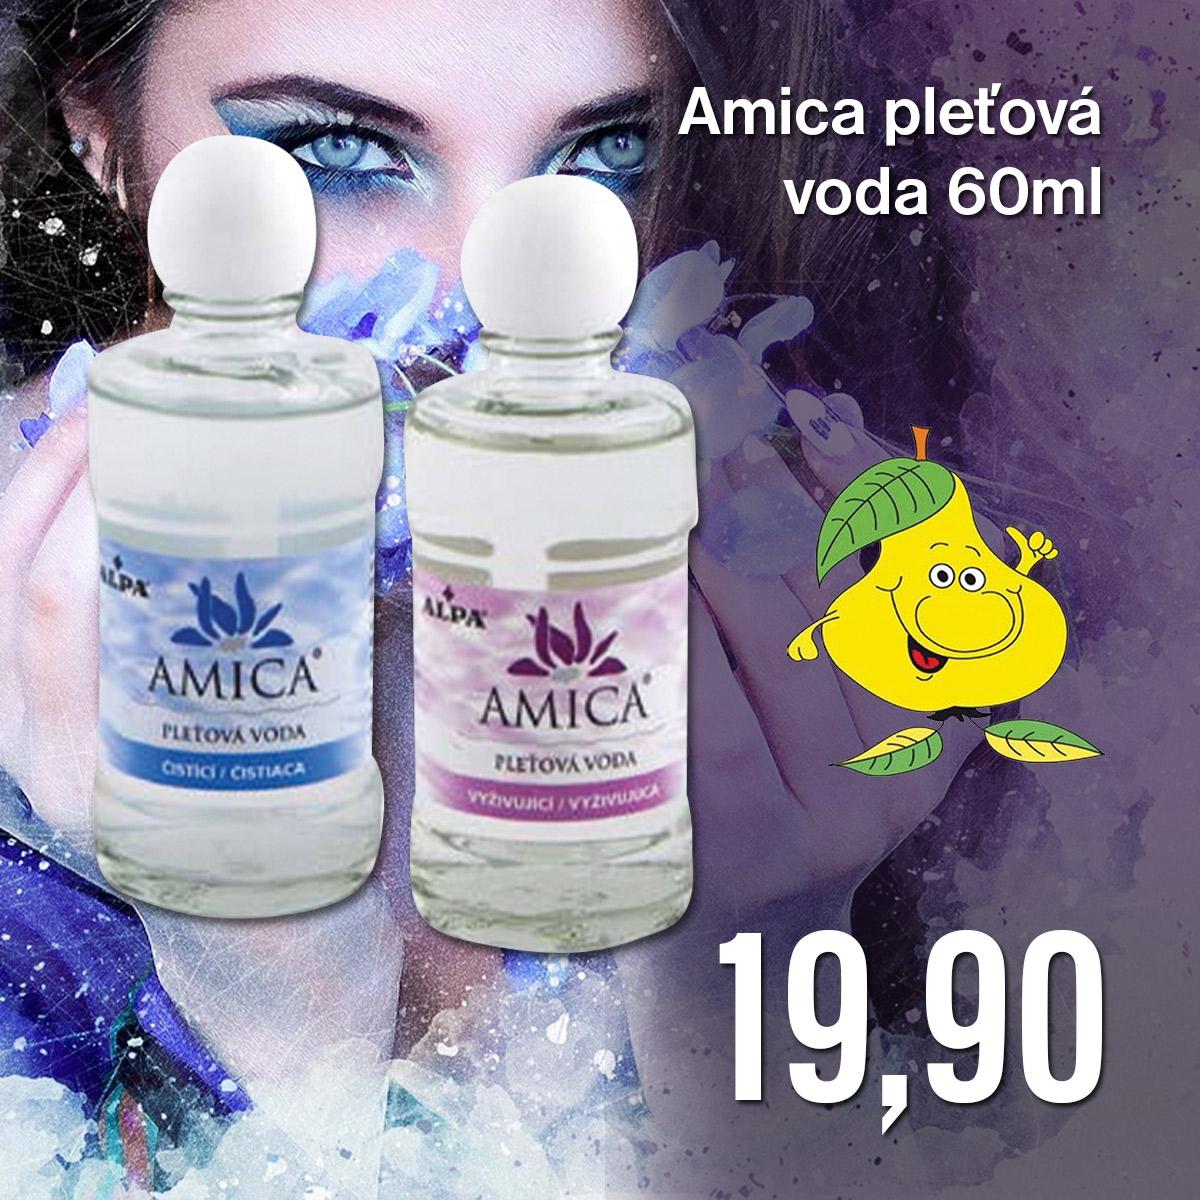 Amica pleťová voda 60 ml